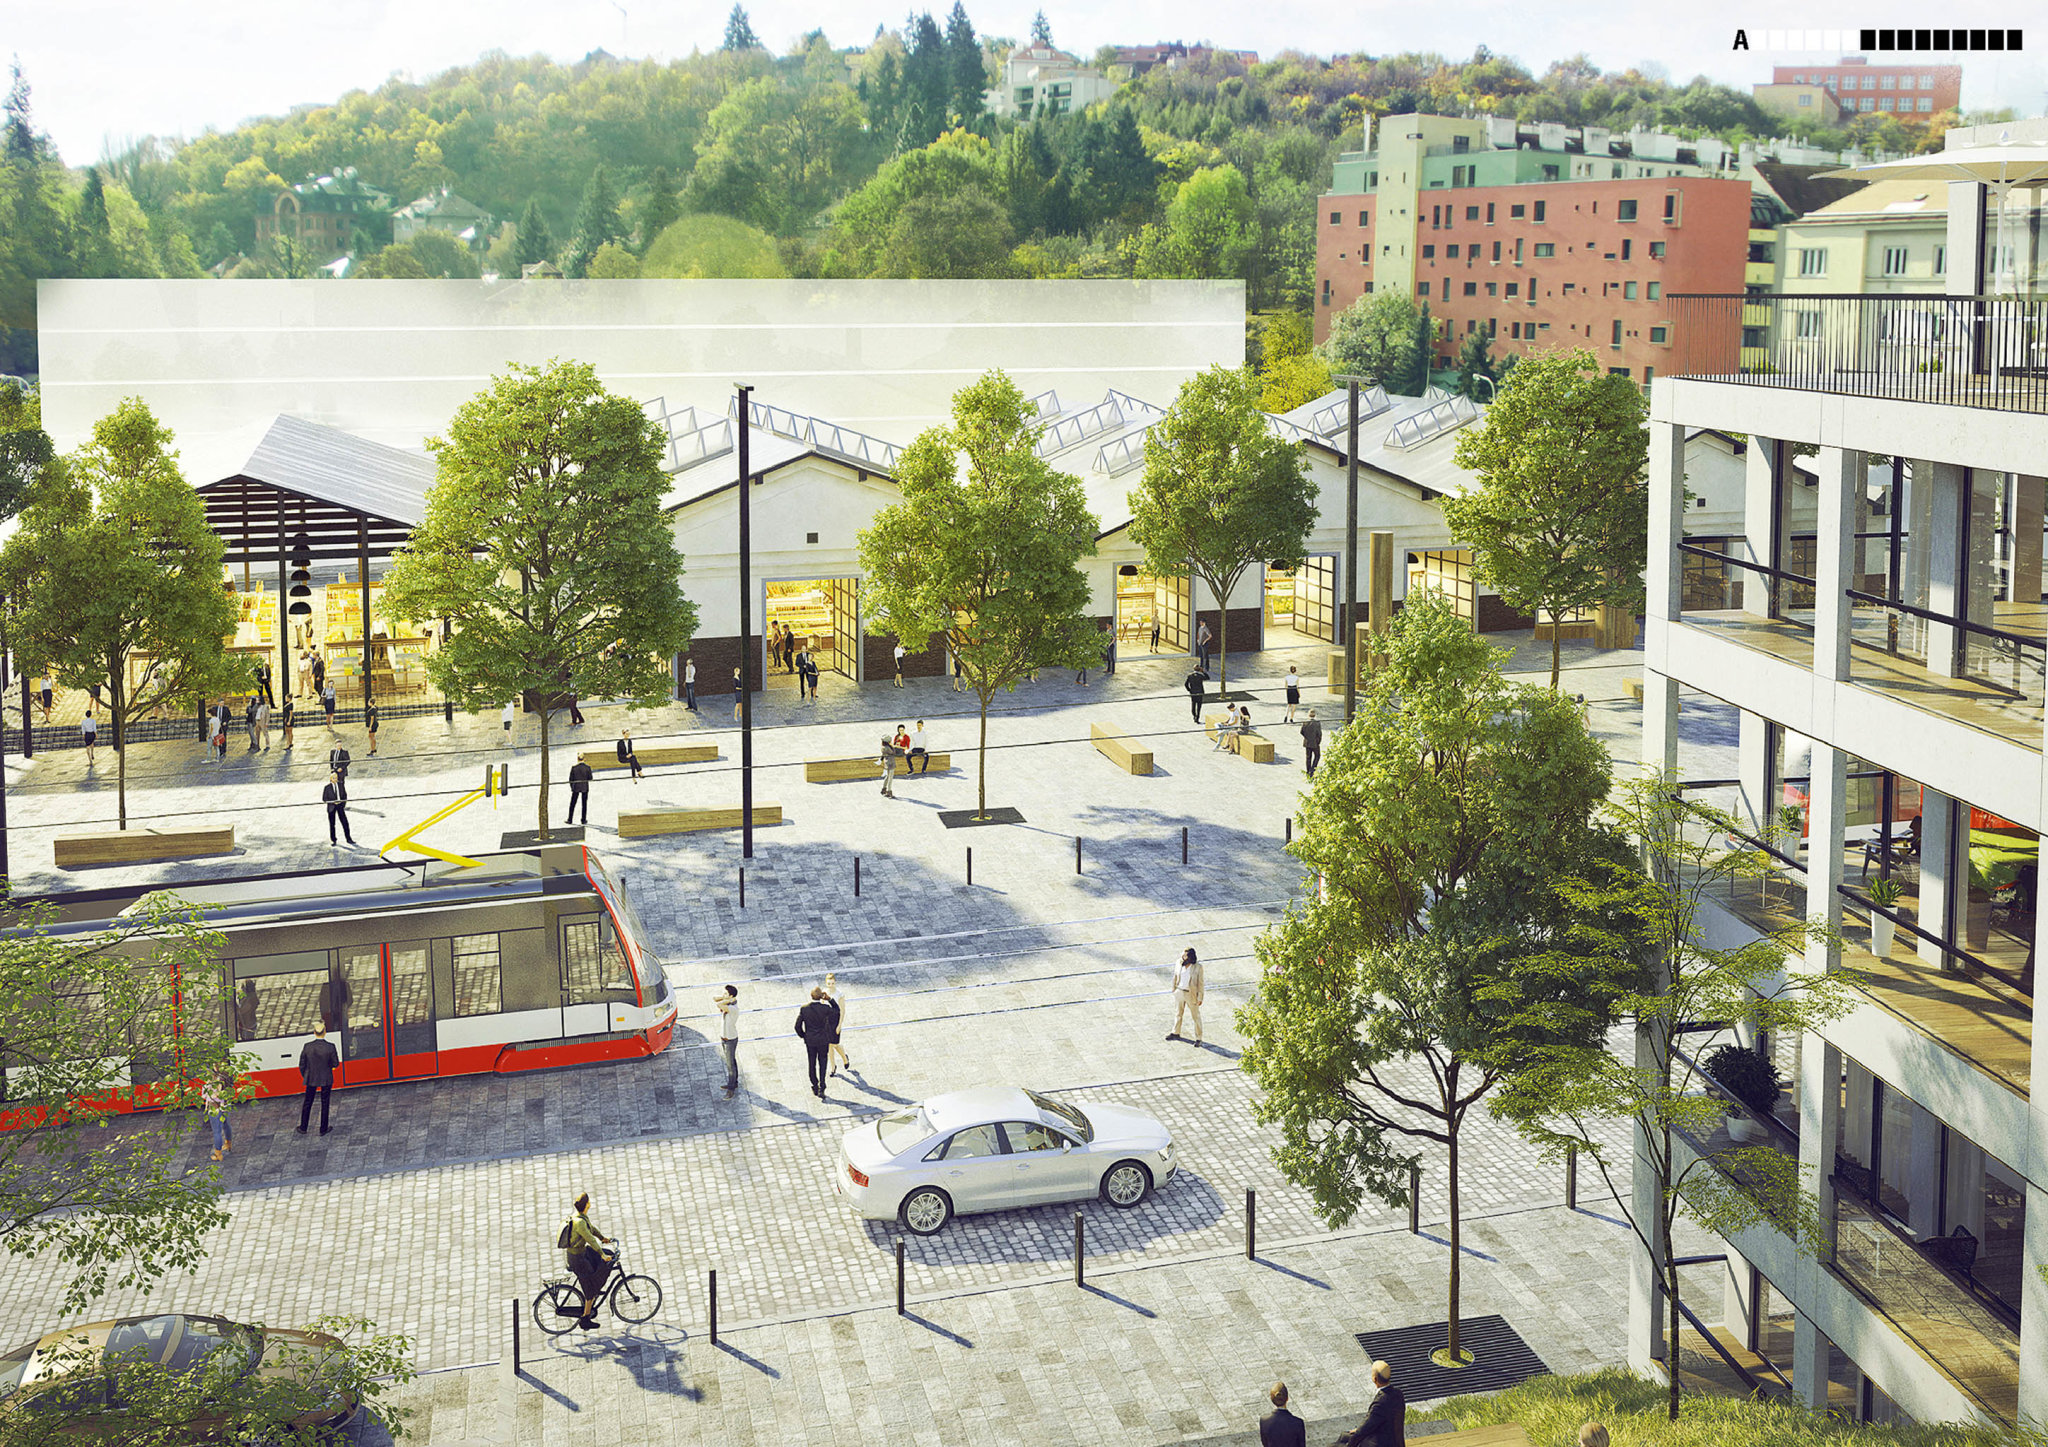 Motolské údolí v Praze podle představ ateliéru A69 – architekti. Zdejší košířská vozovna se má proměnit v kulturní a společenské centrum. Vizualizace zachycuje pohled do budoucnosti.